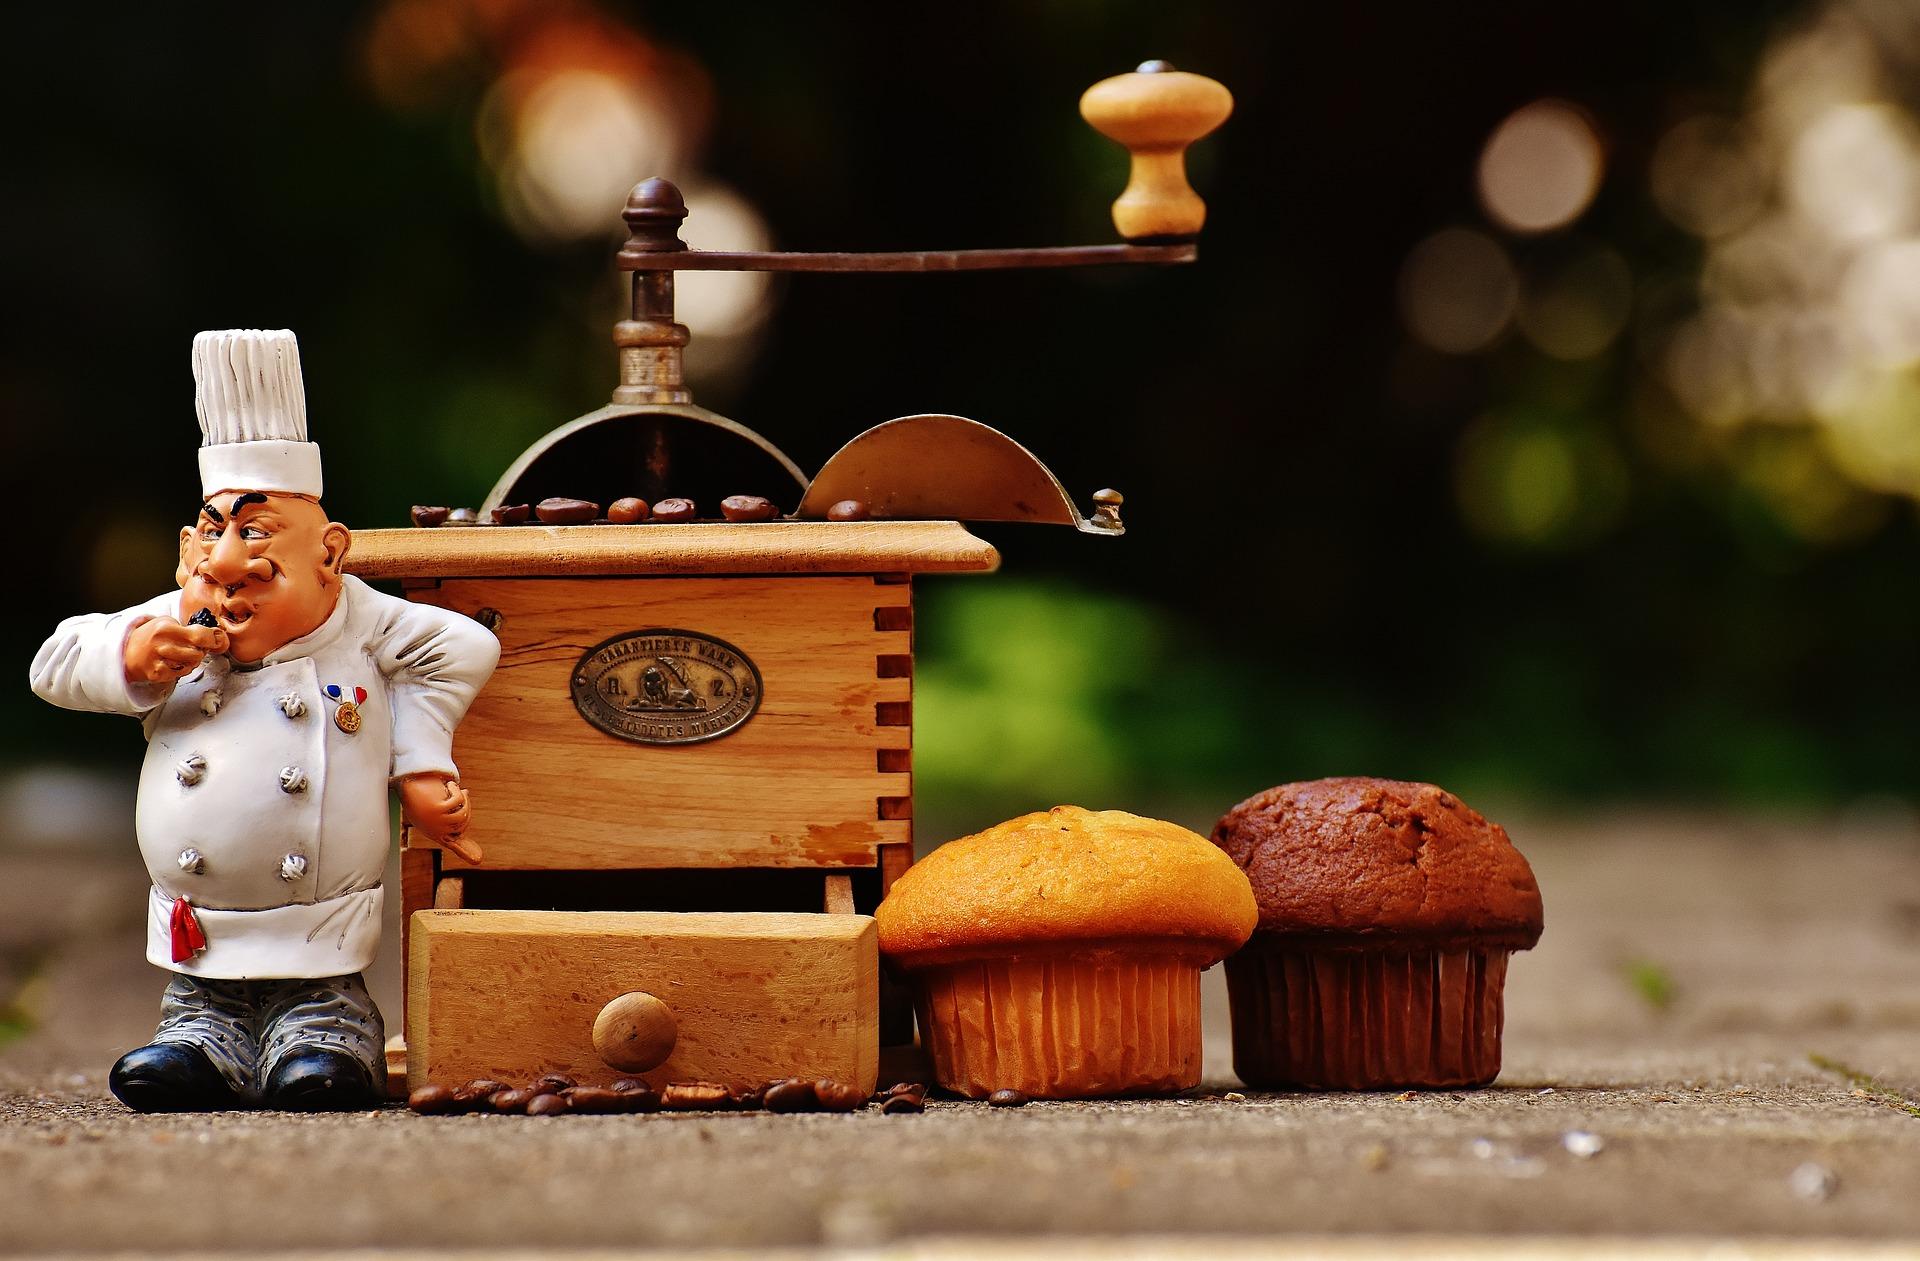 Cada vez más los pasteleros promocionan su negocio en digital